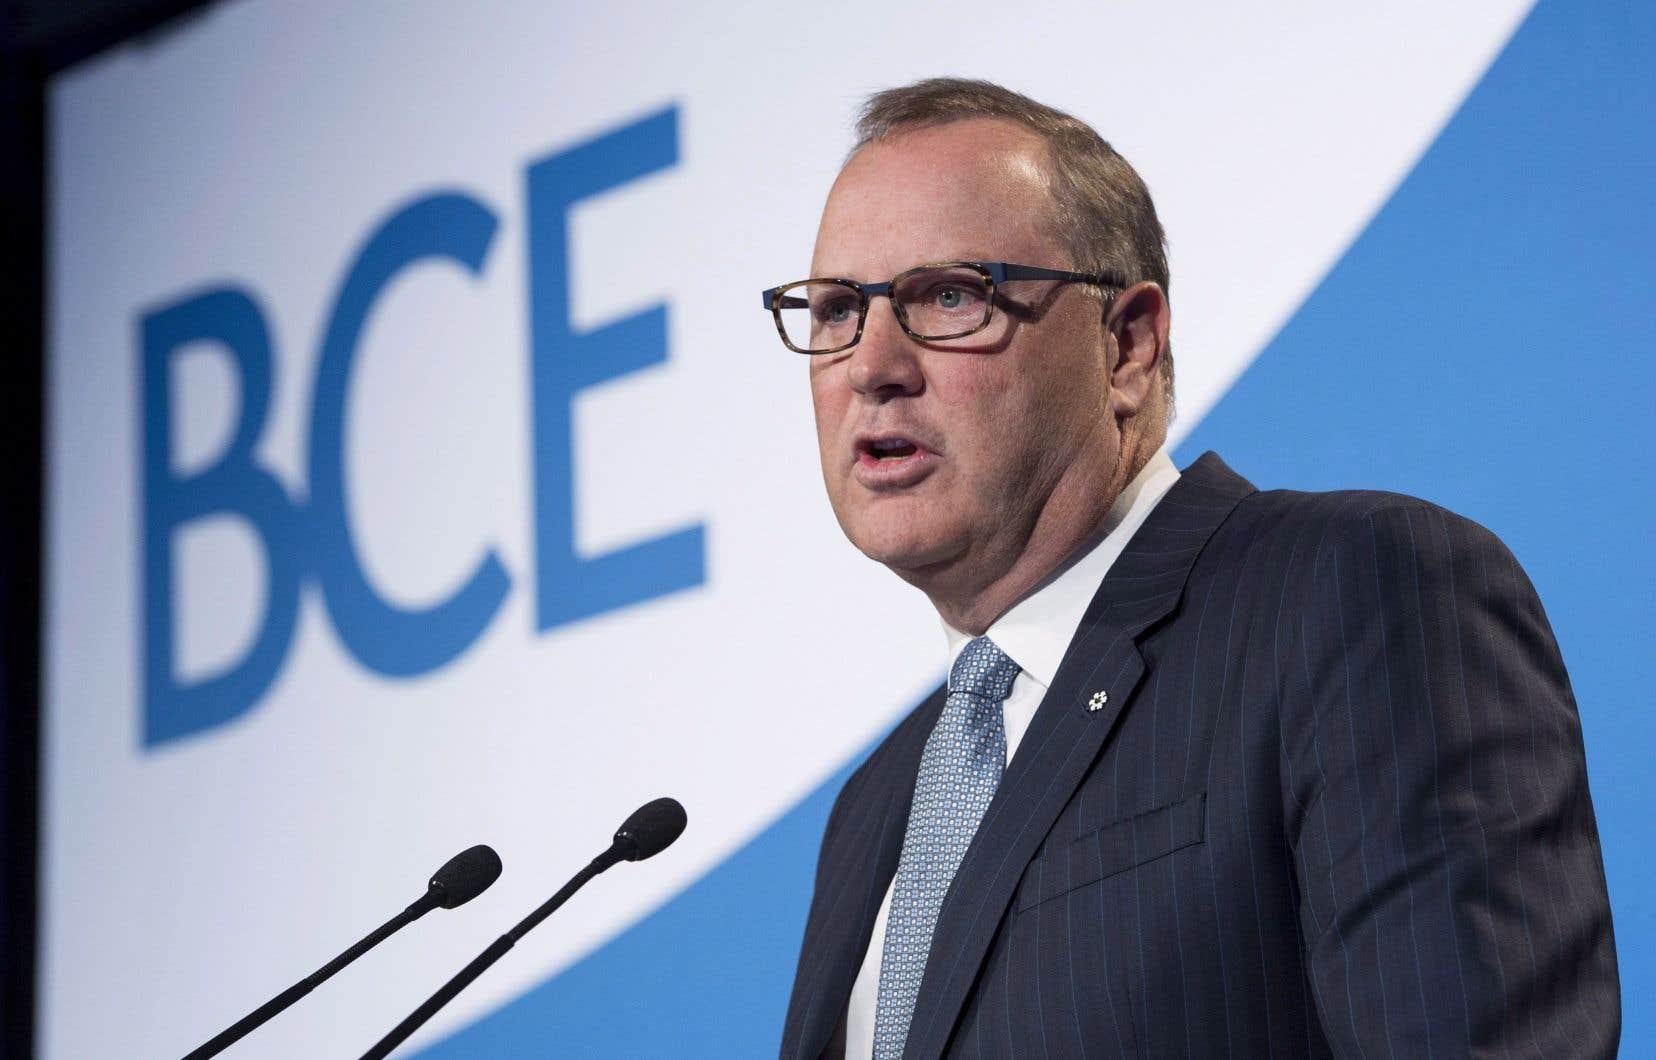 Âgé de 57ans, George Cope avait été nommé chef de l'exploitation chez Bell en 2006 à la suite d'un passage chez Telus, où il avait été aux commandes du segment de la téléphonie mobile.